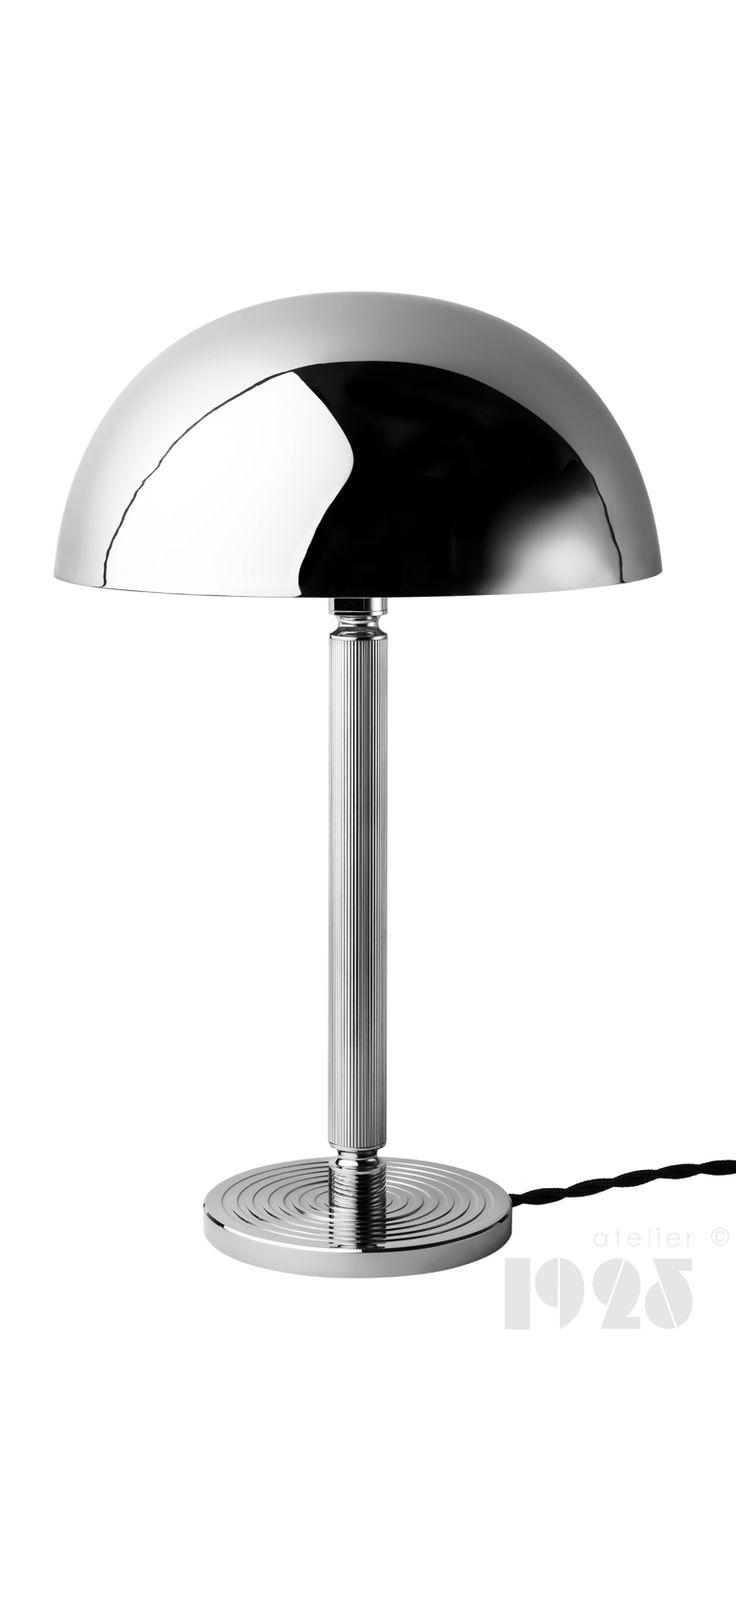 Art Deco inspired table lamp made by ATELIER 1925. task lamp, handmade, timeless, elegant, unique, design, 20's, 30's